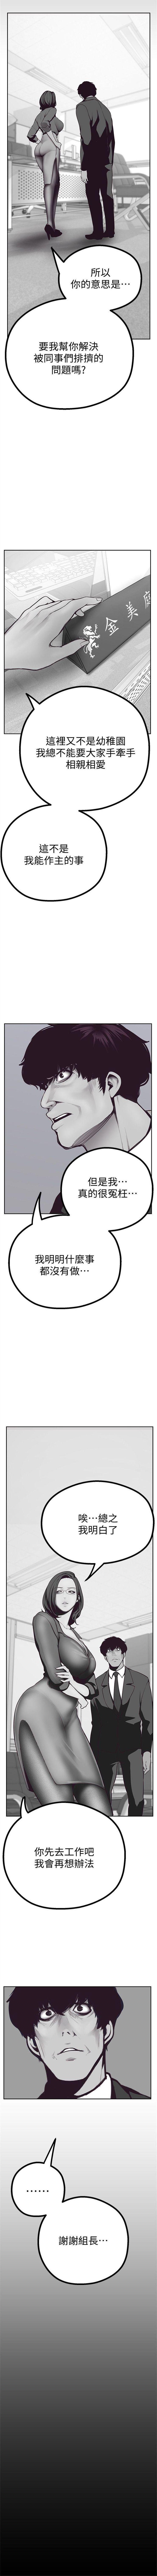 (週1)美麗新世界 1-70 中文翻譯 (更新中) 56